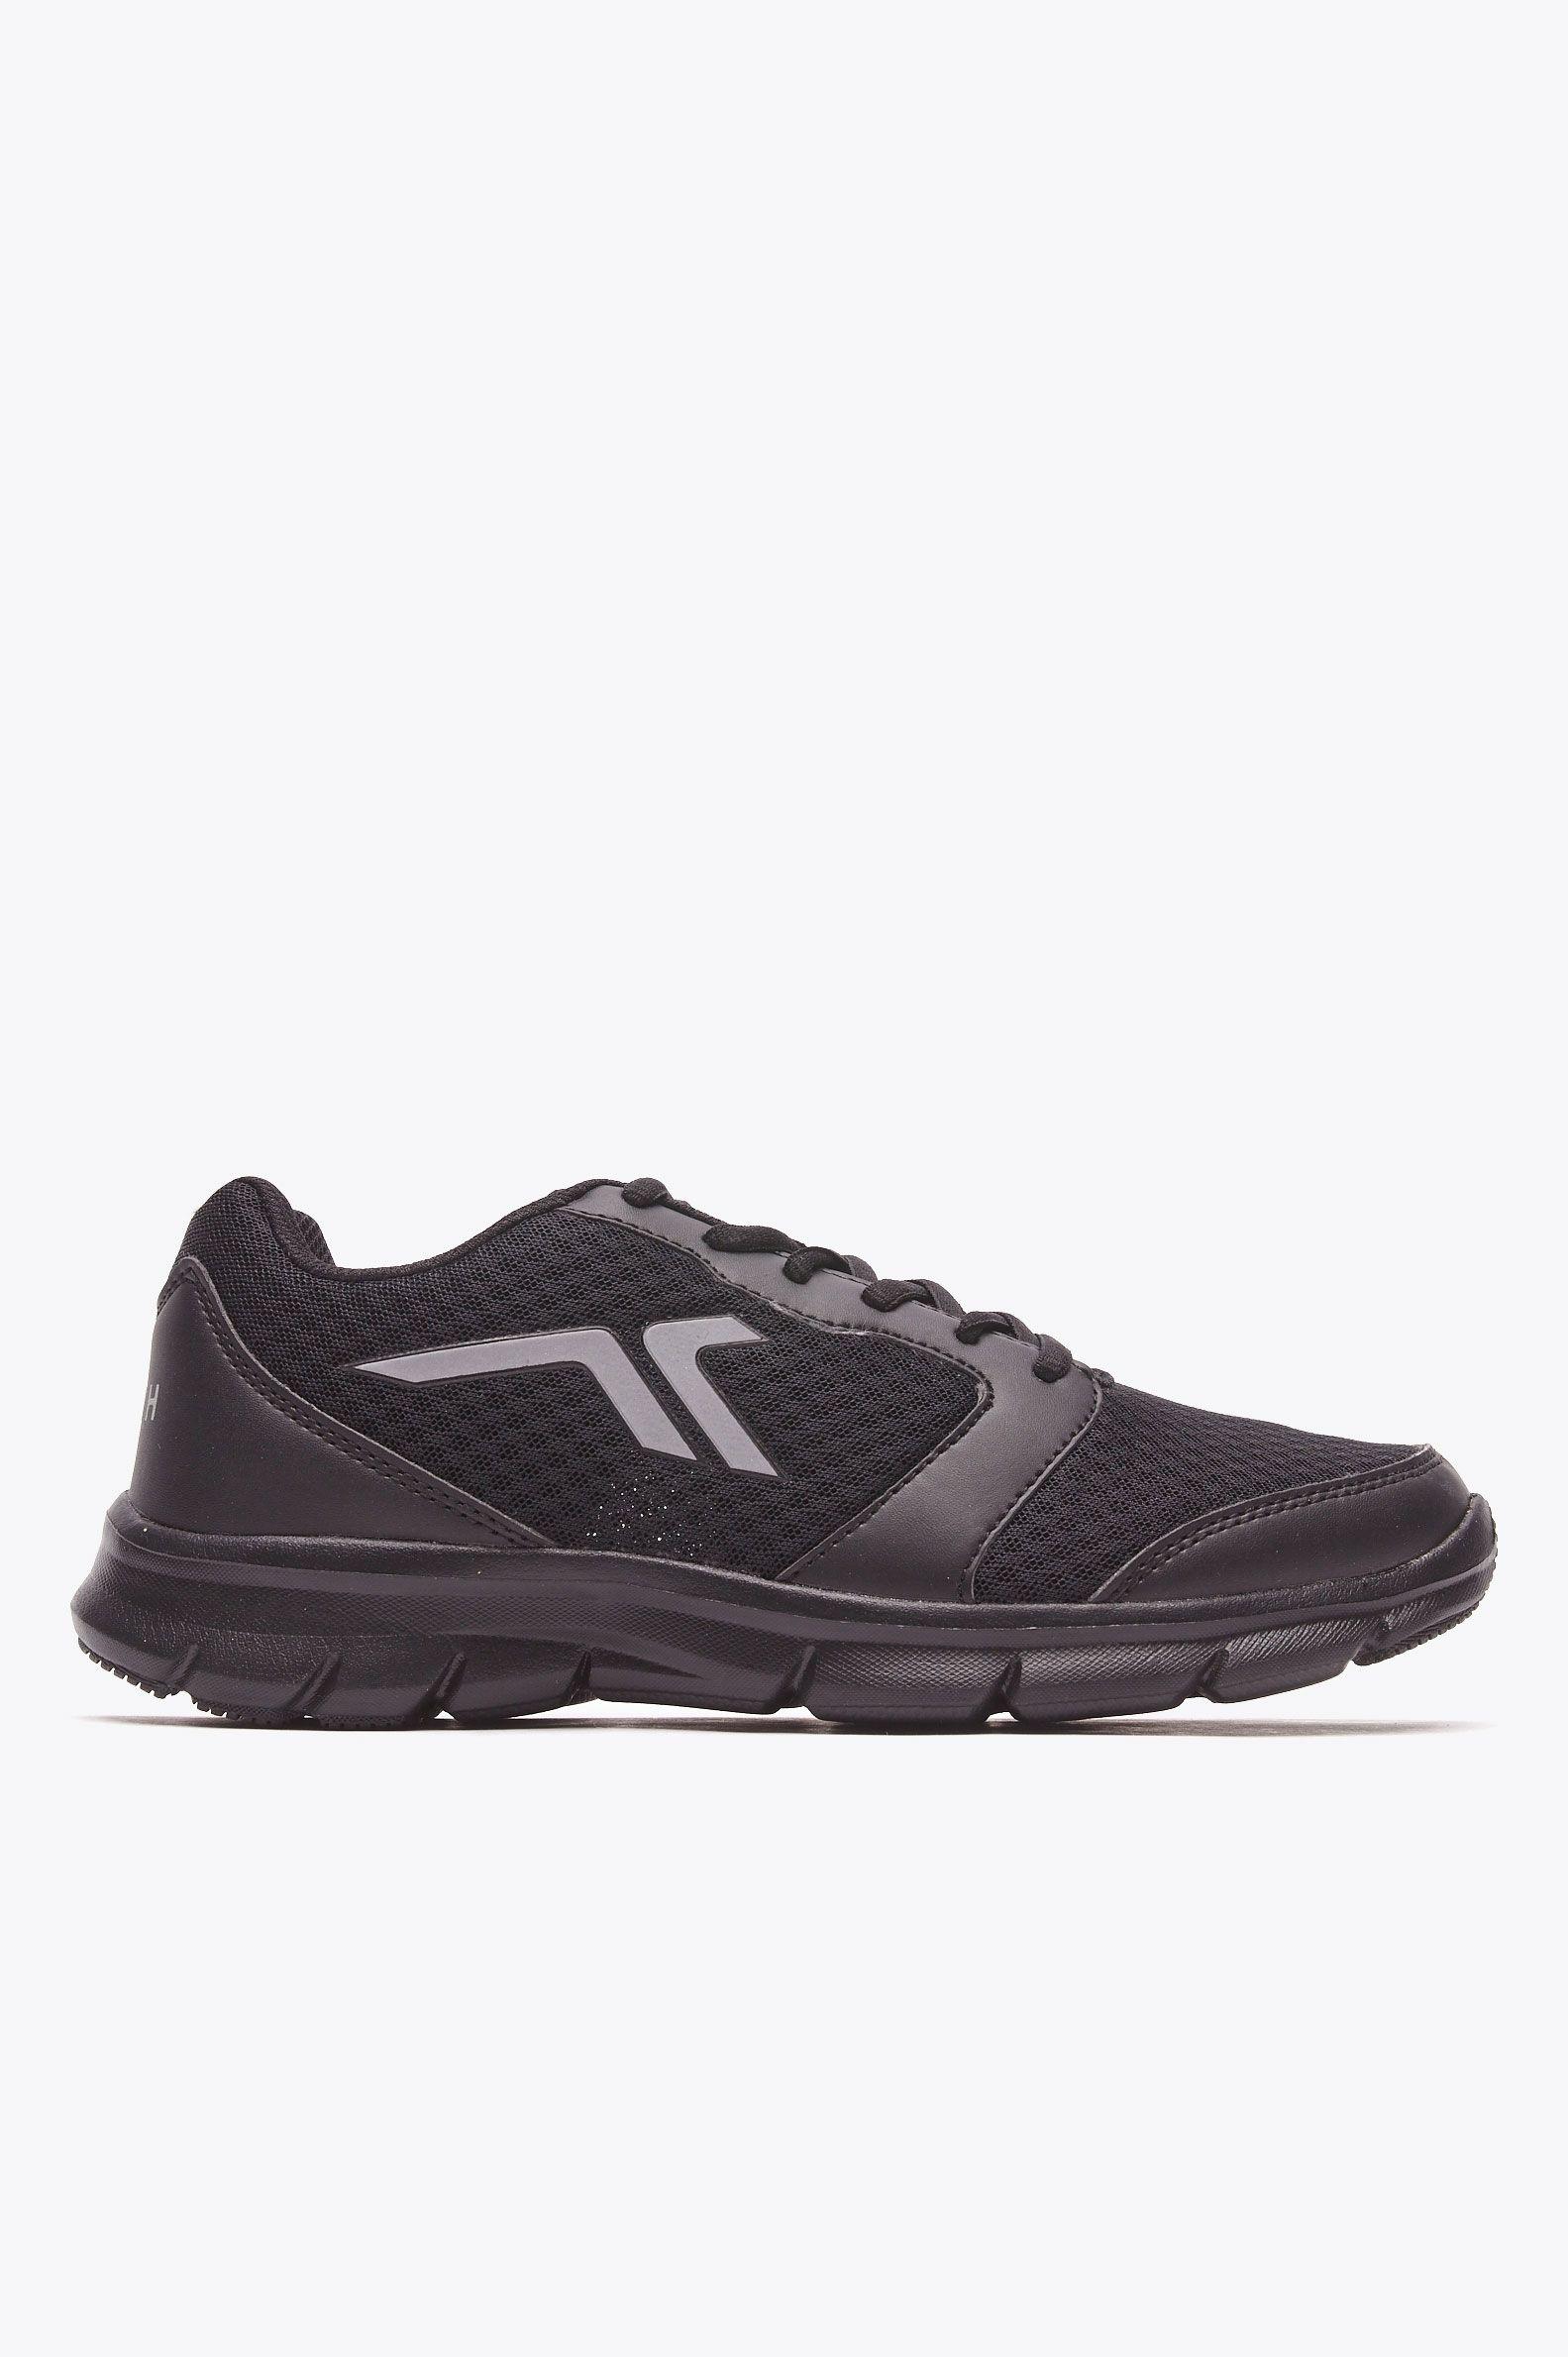 be50b4e69f6 ZAPATILLA RUNNING TENTH NEGRO MUJER   Shoes   Zapatillas, Flexiones ...